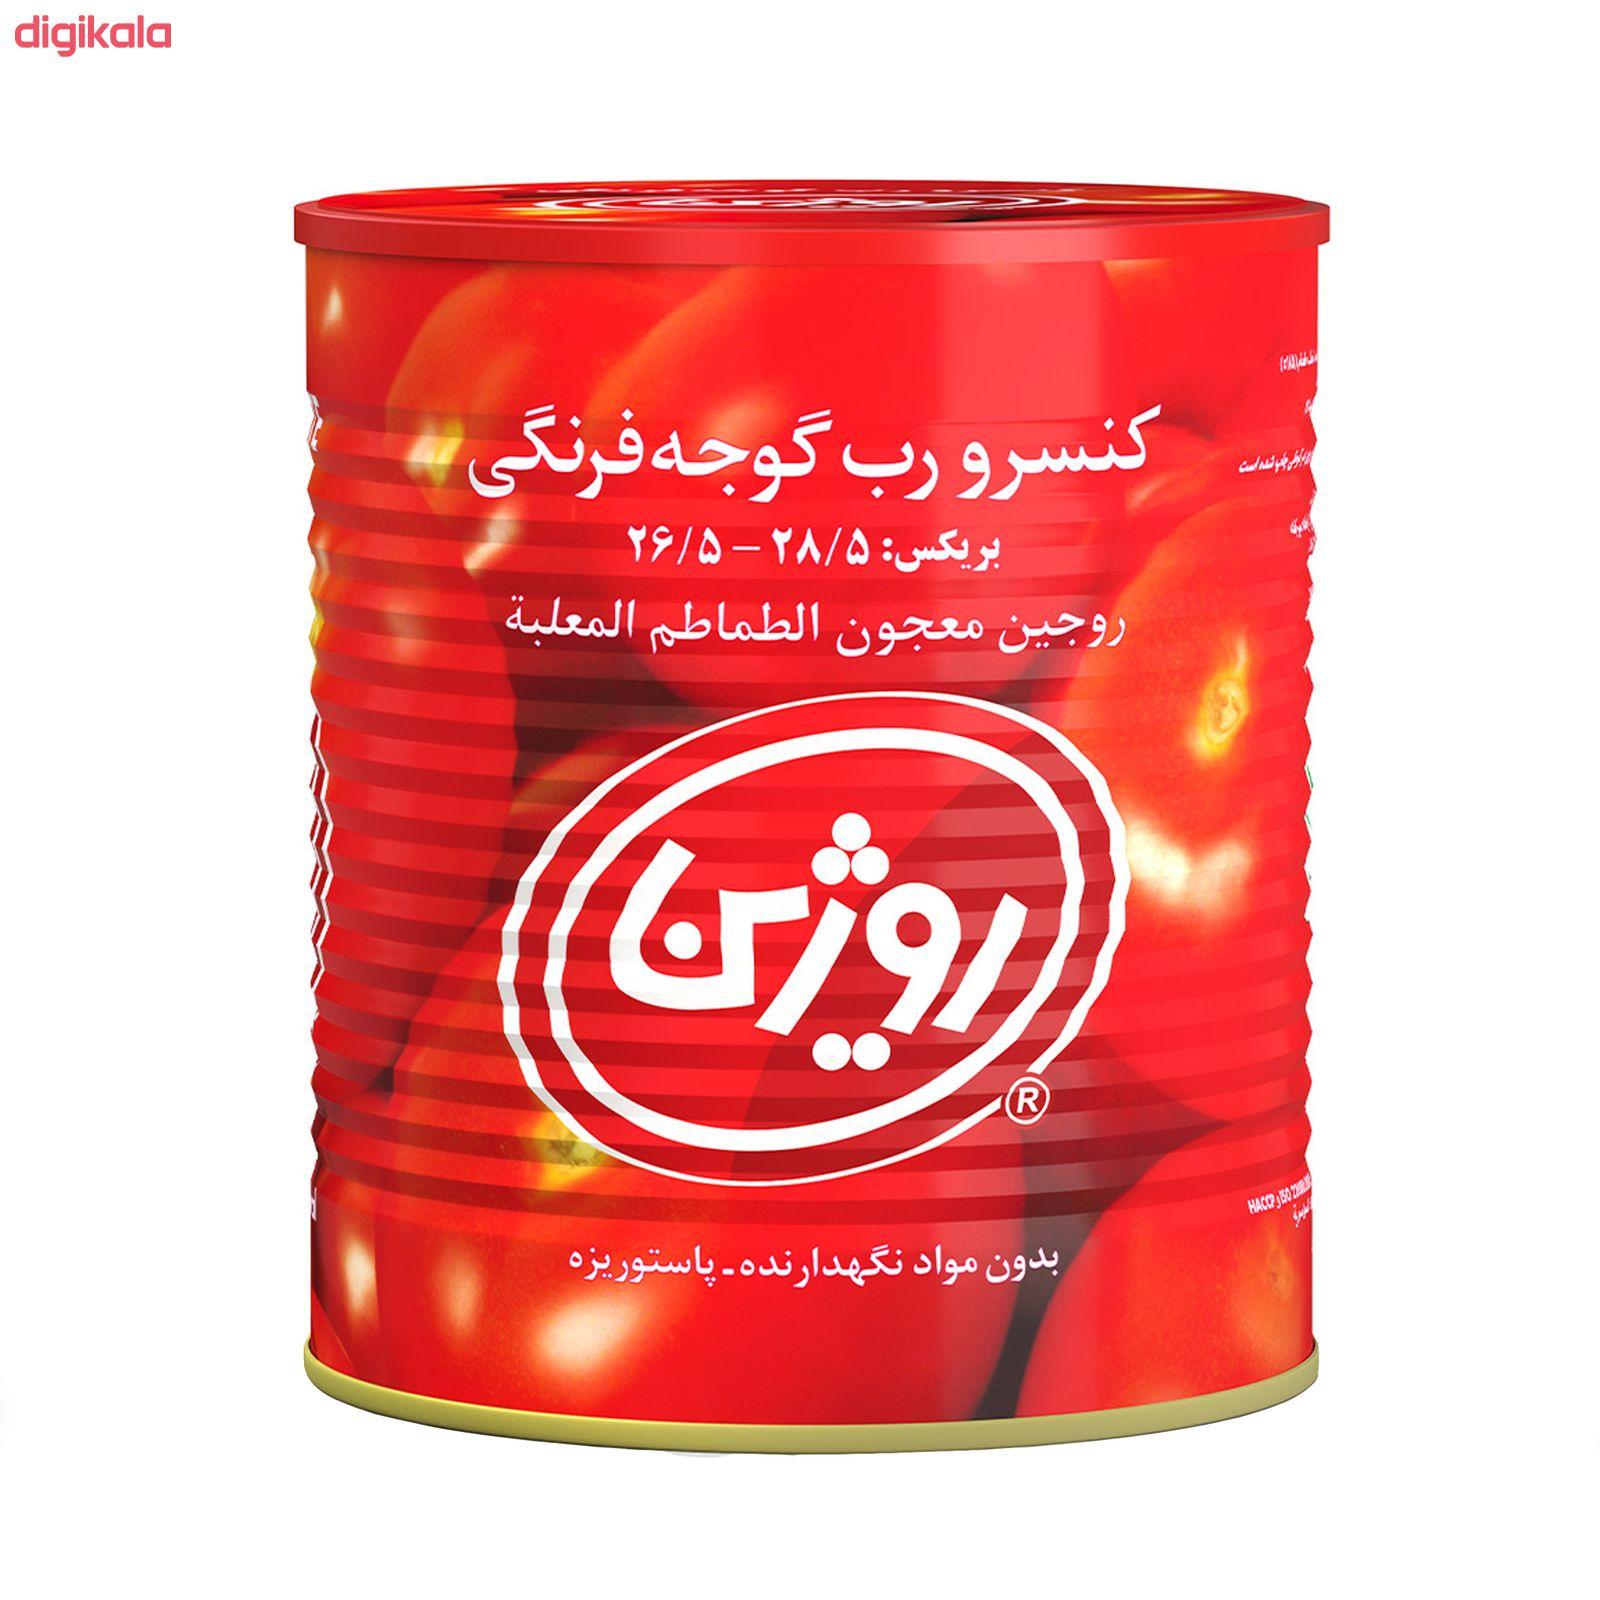 رب گوجه فرنگی روژین مقدار 800 گرم  main 1 3